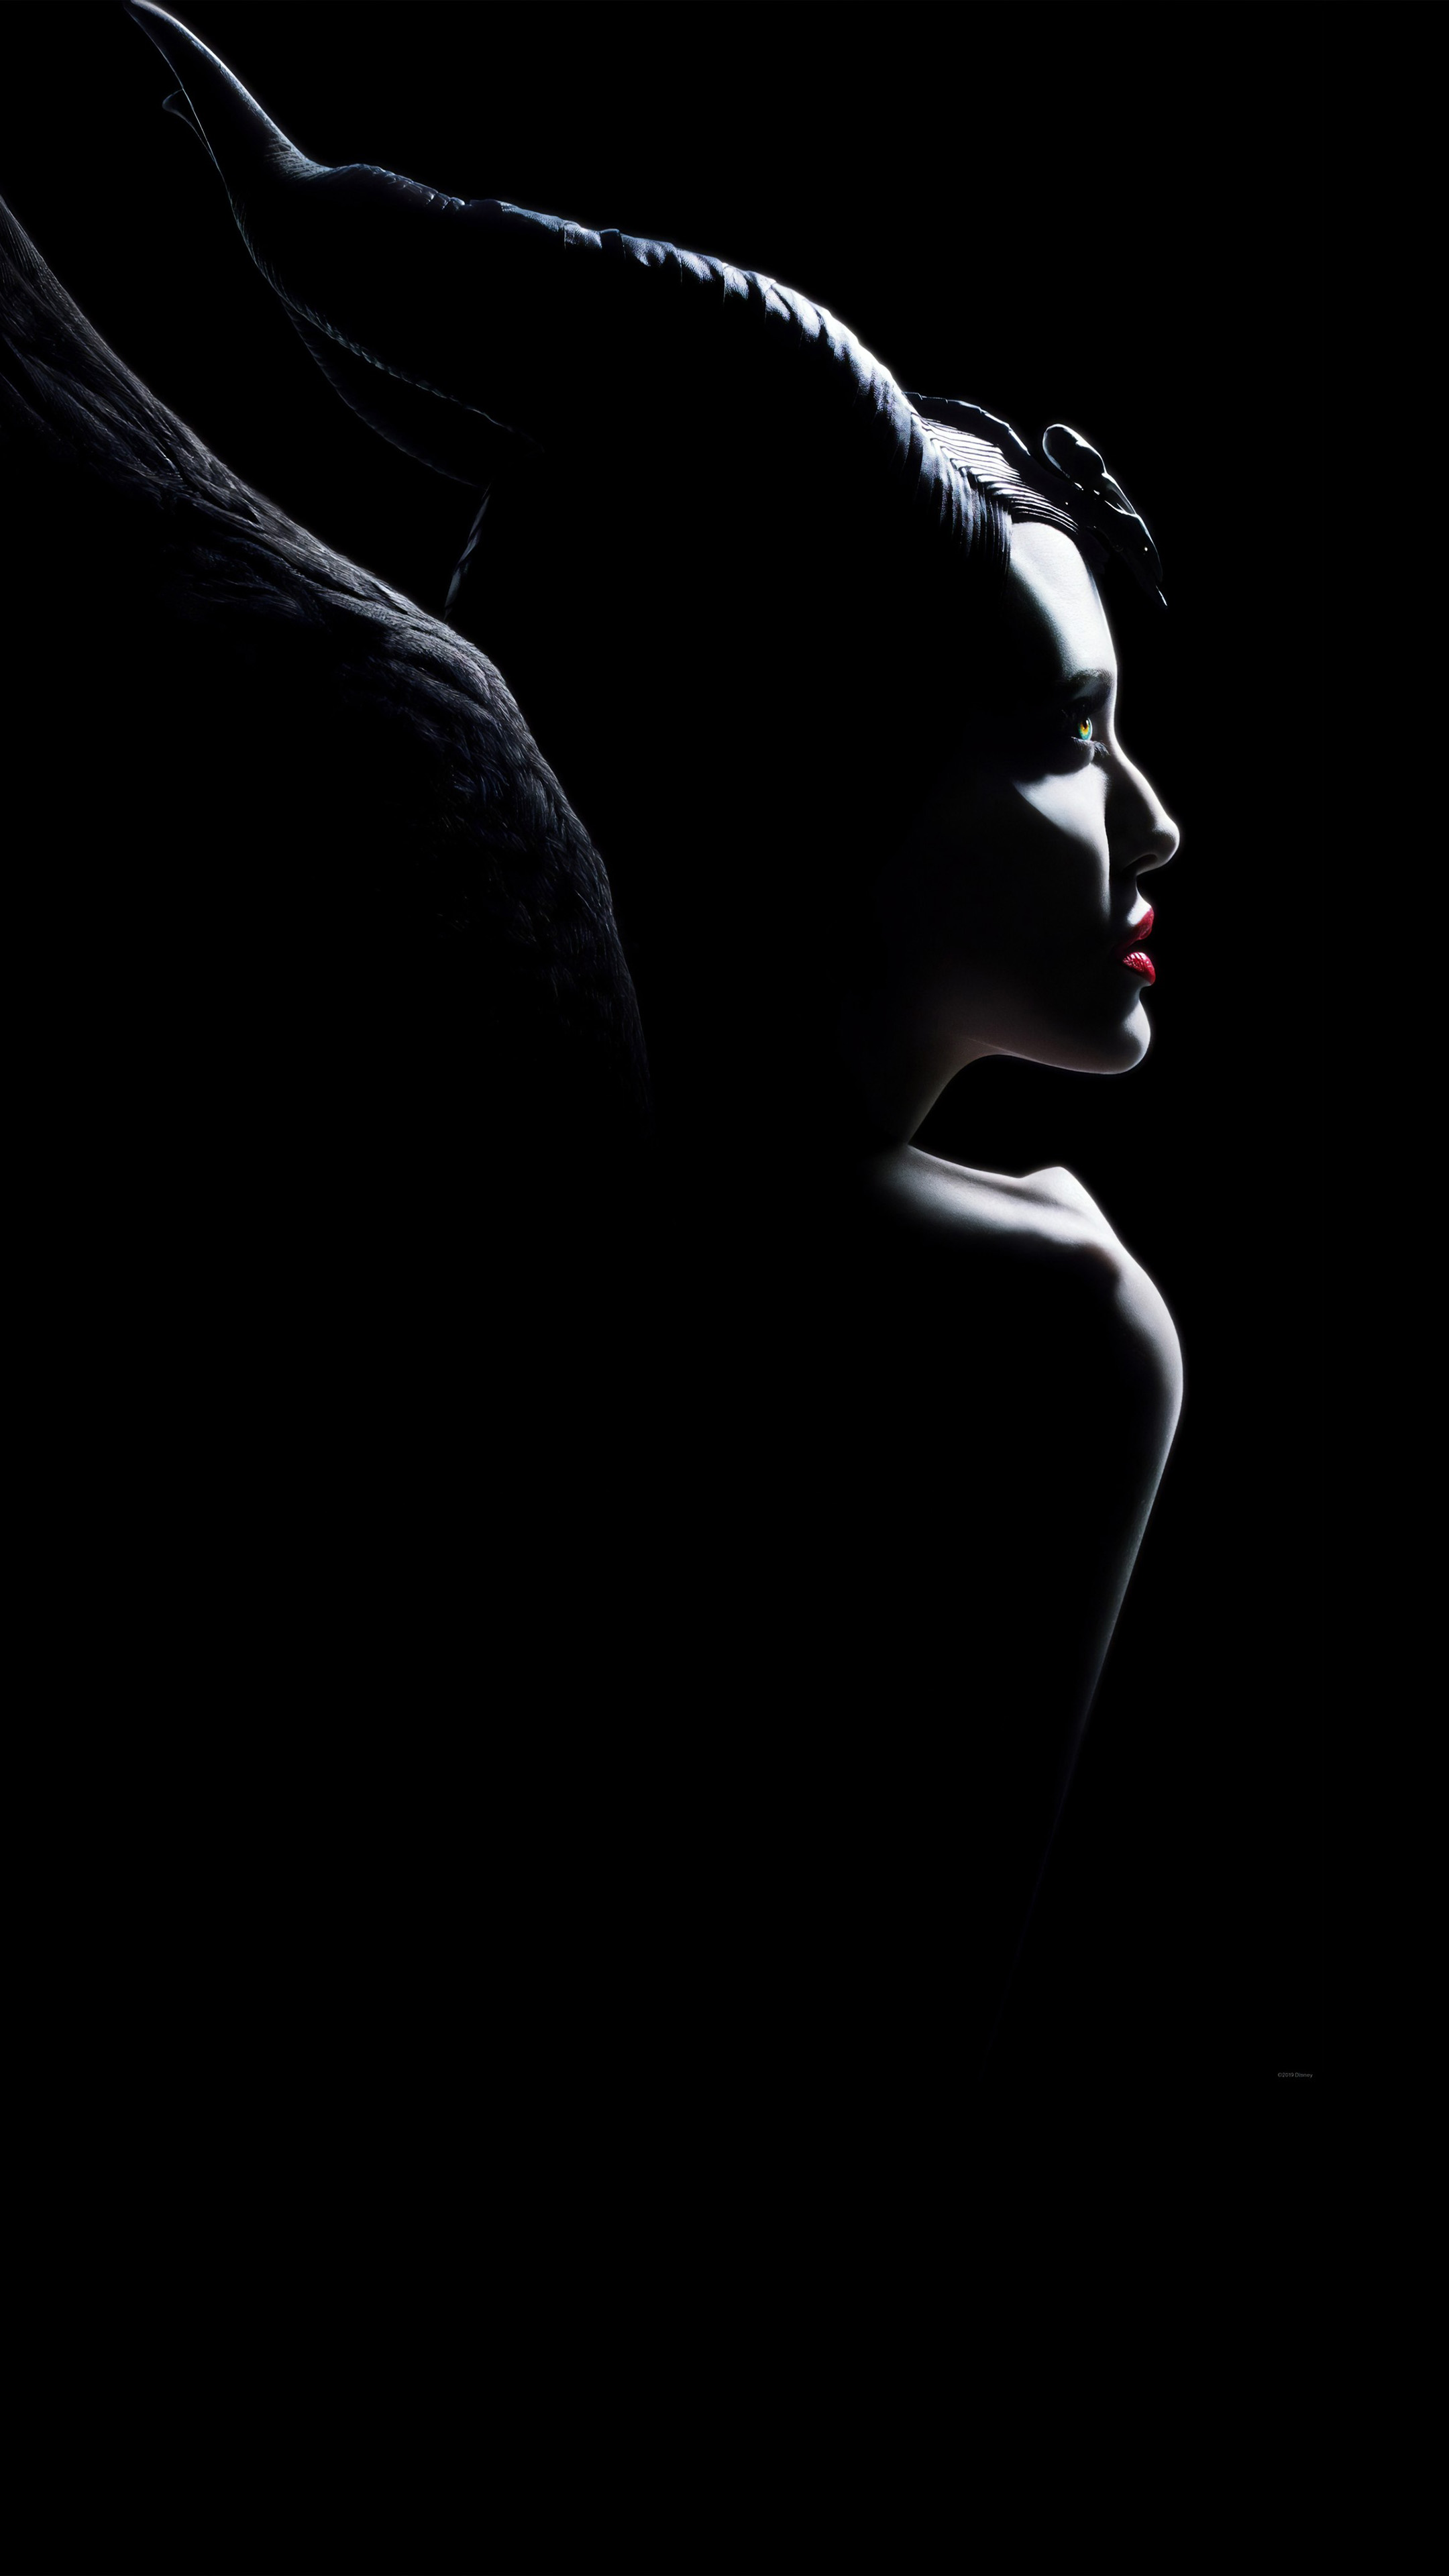 Maleficent Mistress of Evil 4K Ultra HD ...